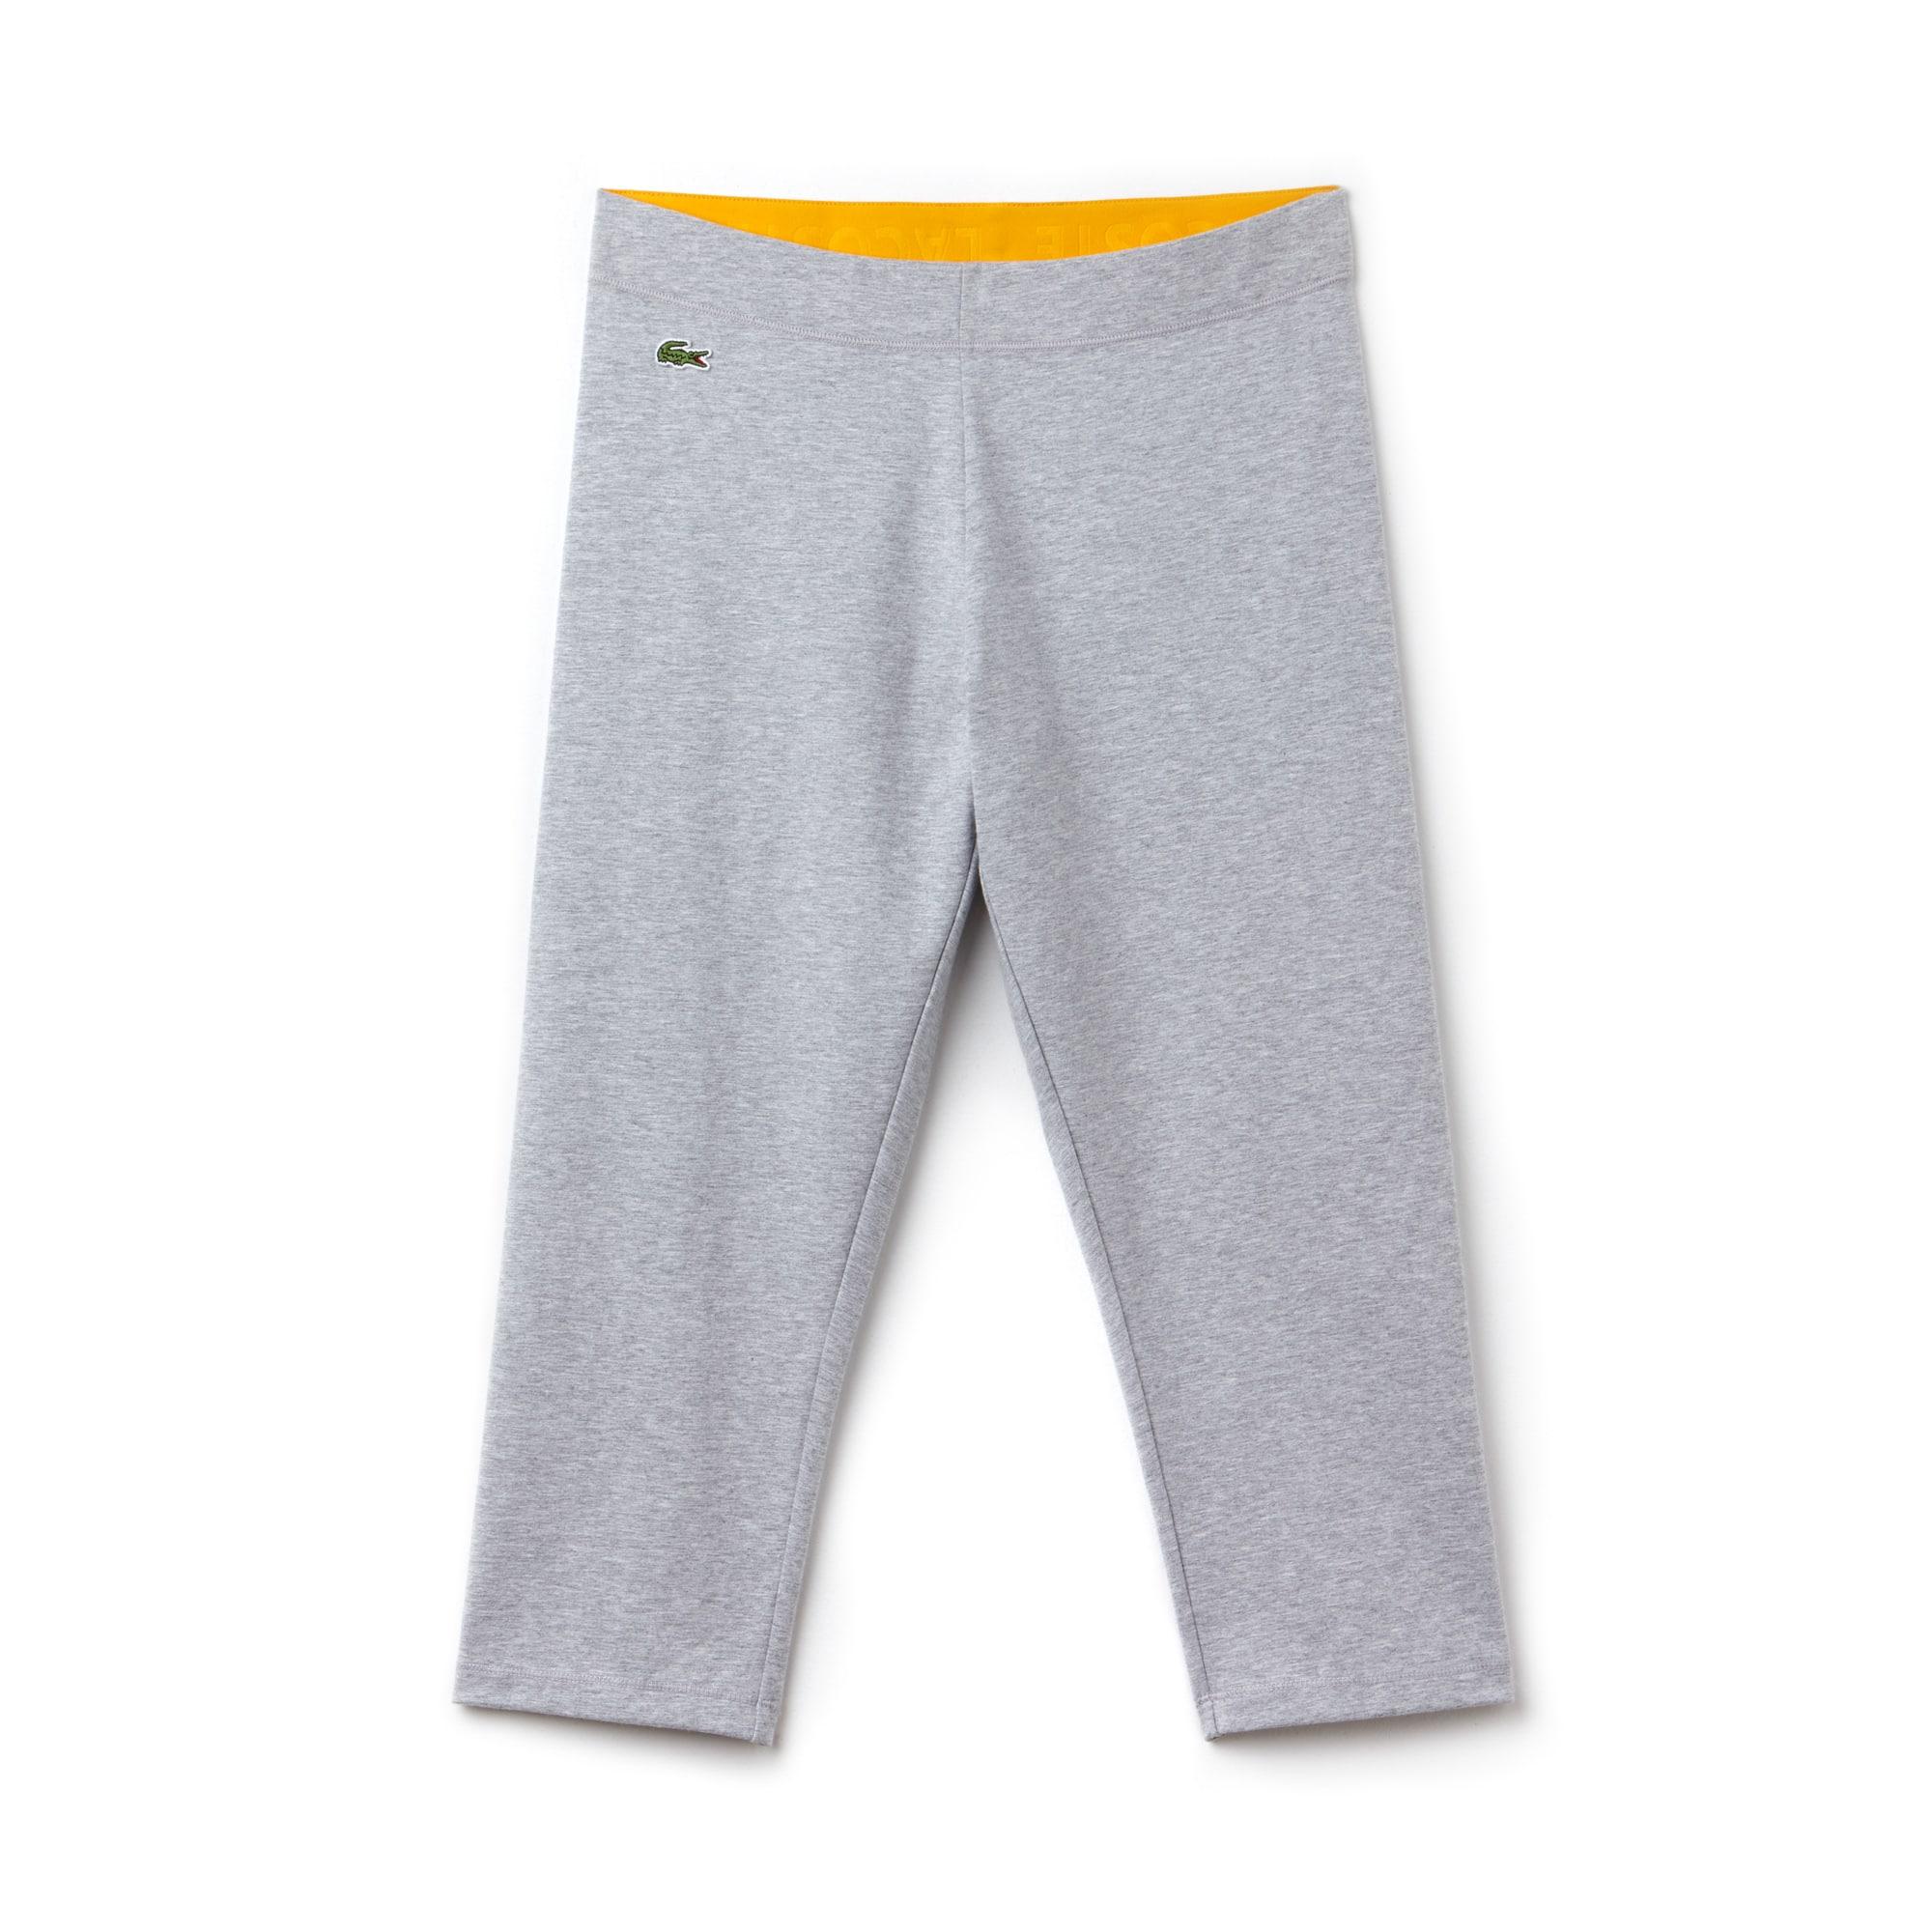 Legging Tennis Lacoste SPORT en jersey stretch uni